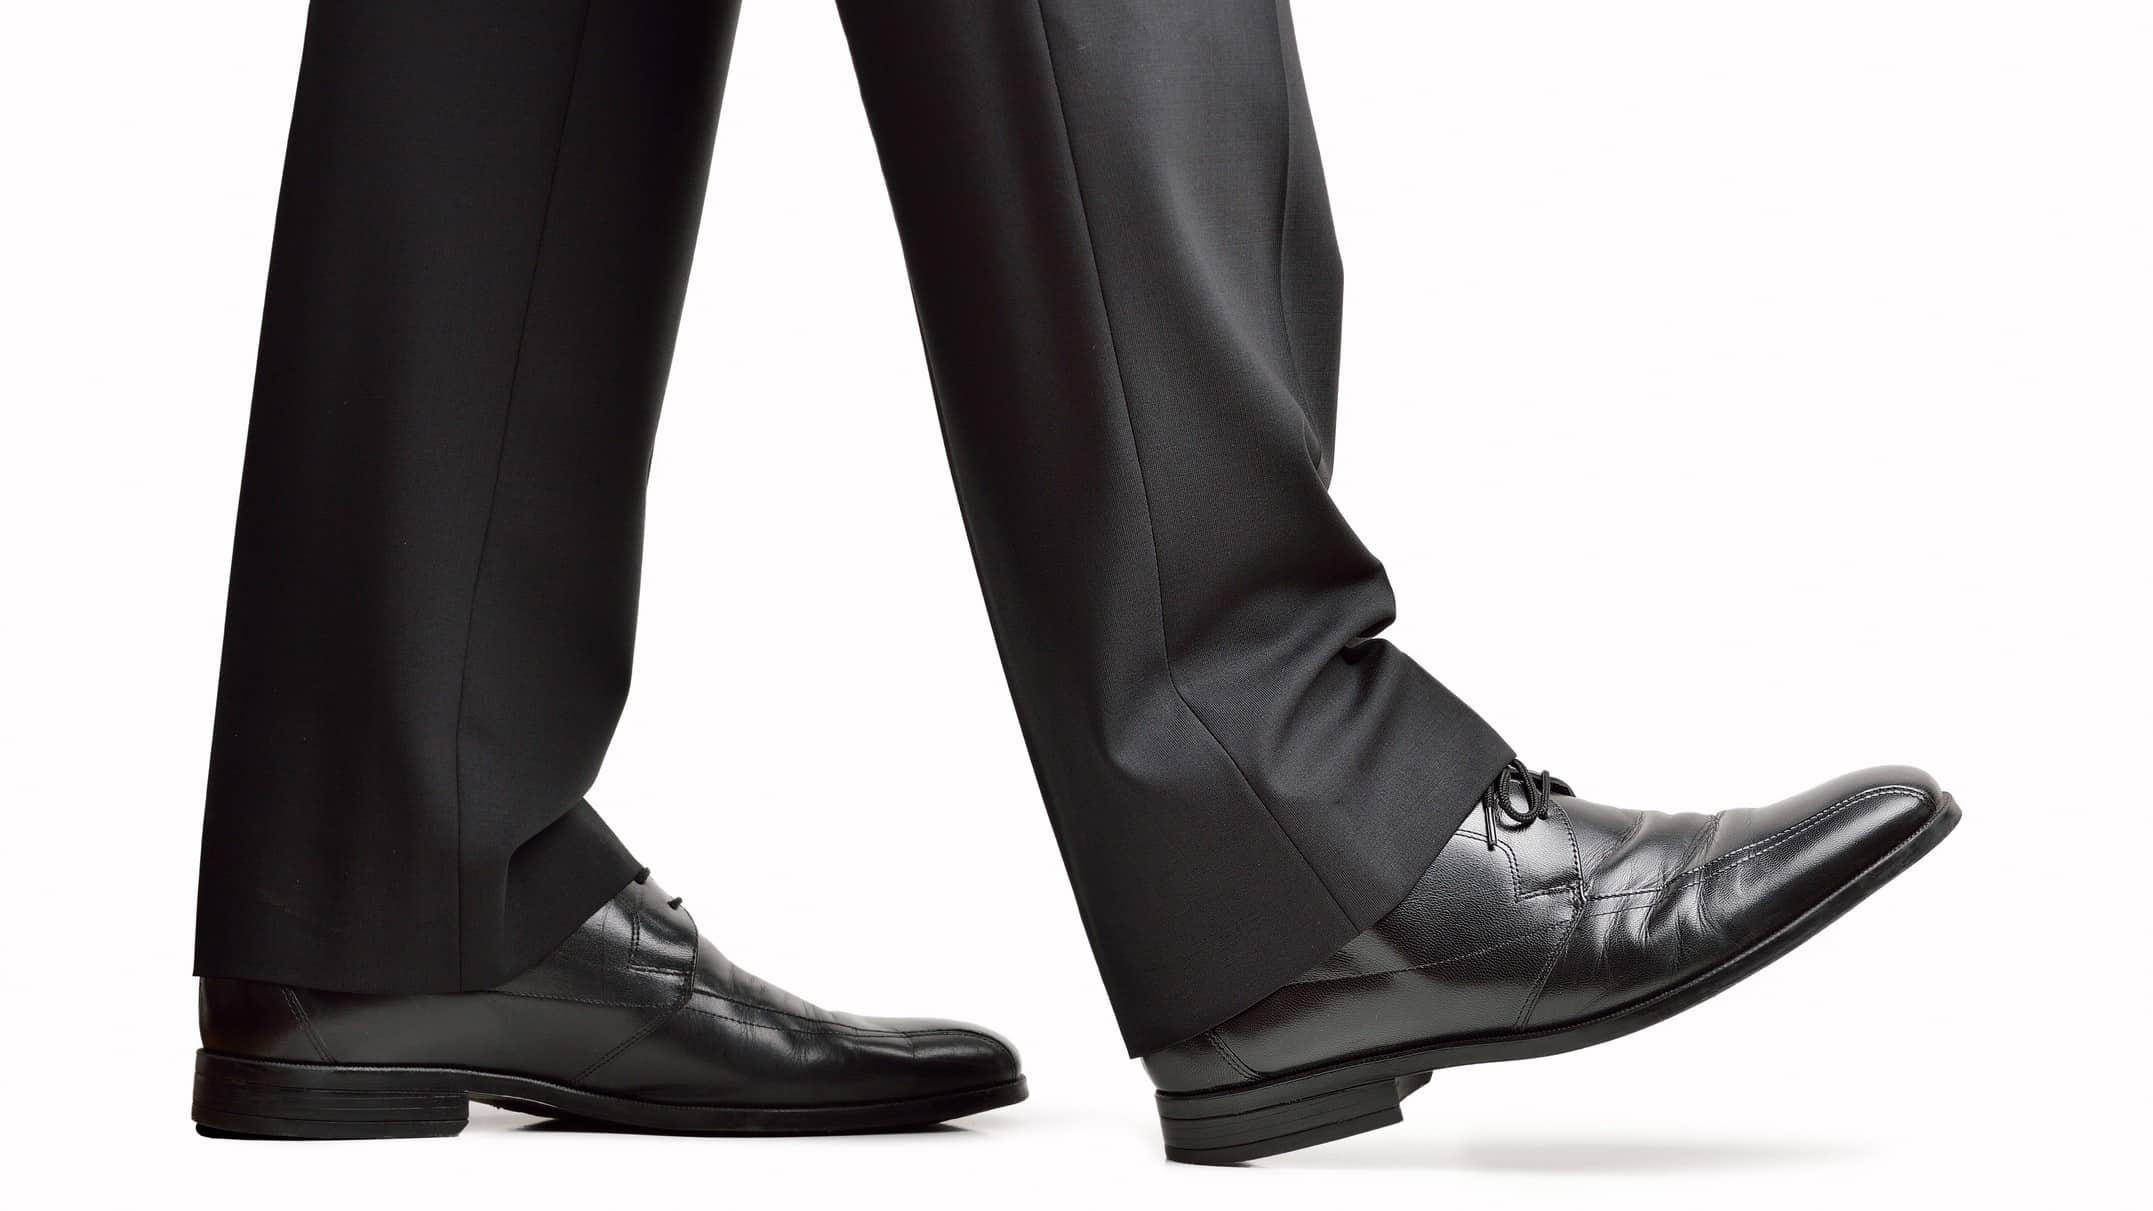 follow warren buffett when buying asx shares represented by business man's legs walking along